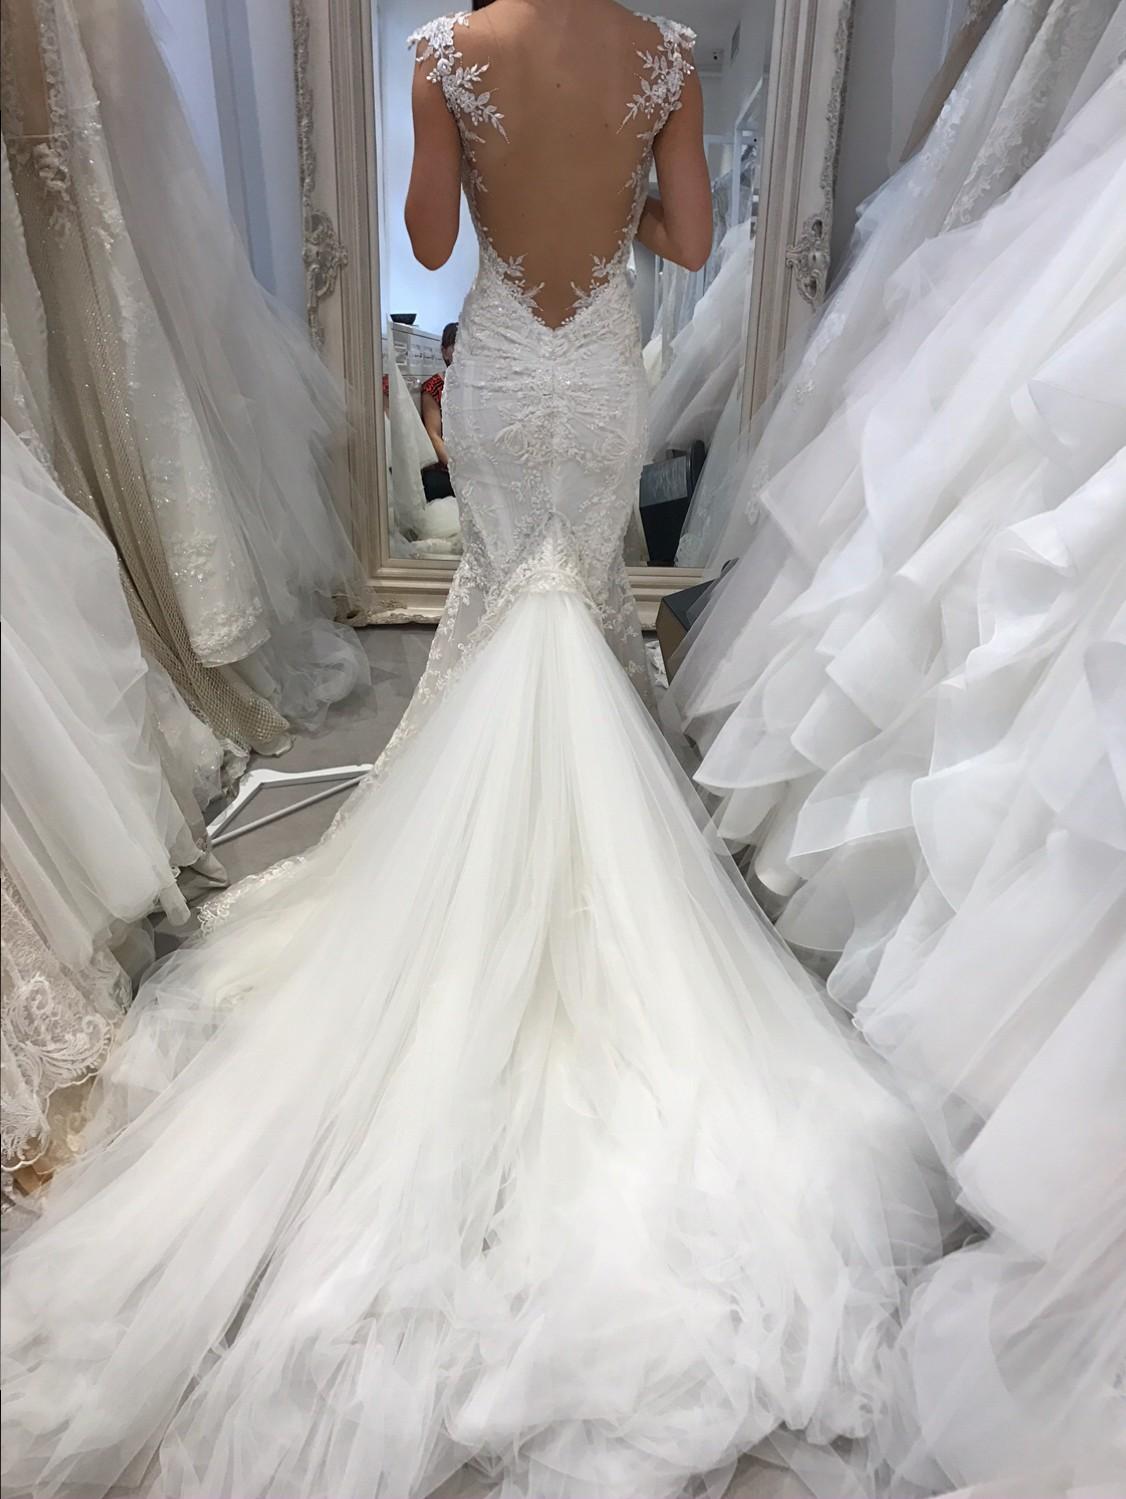 Galia Lahav Wedding Dresses On Still White